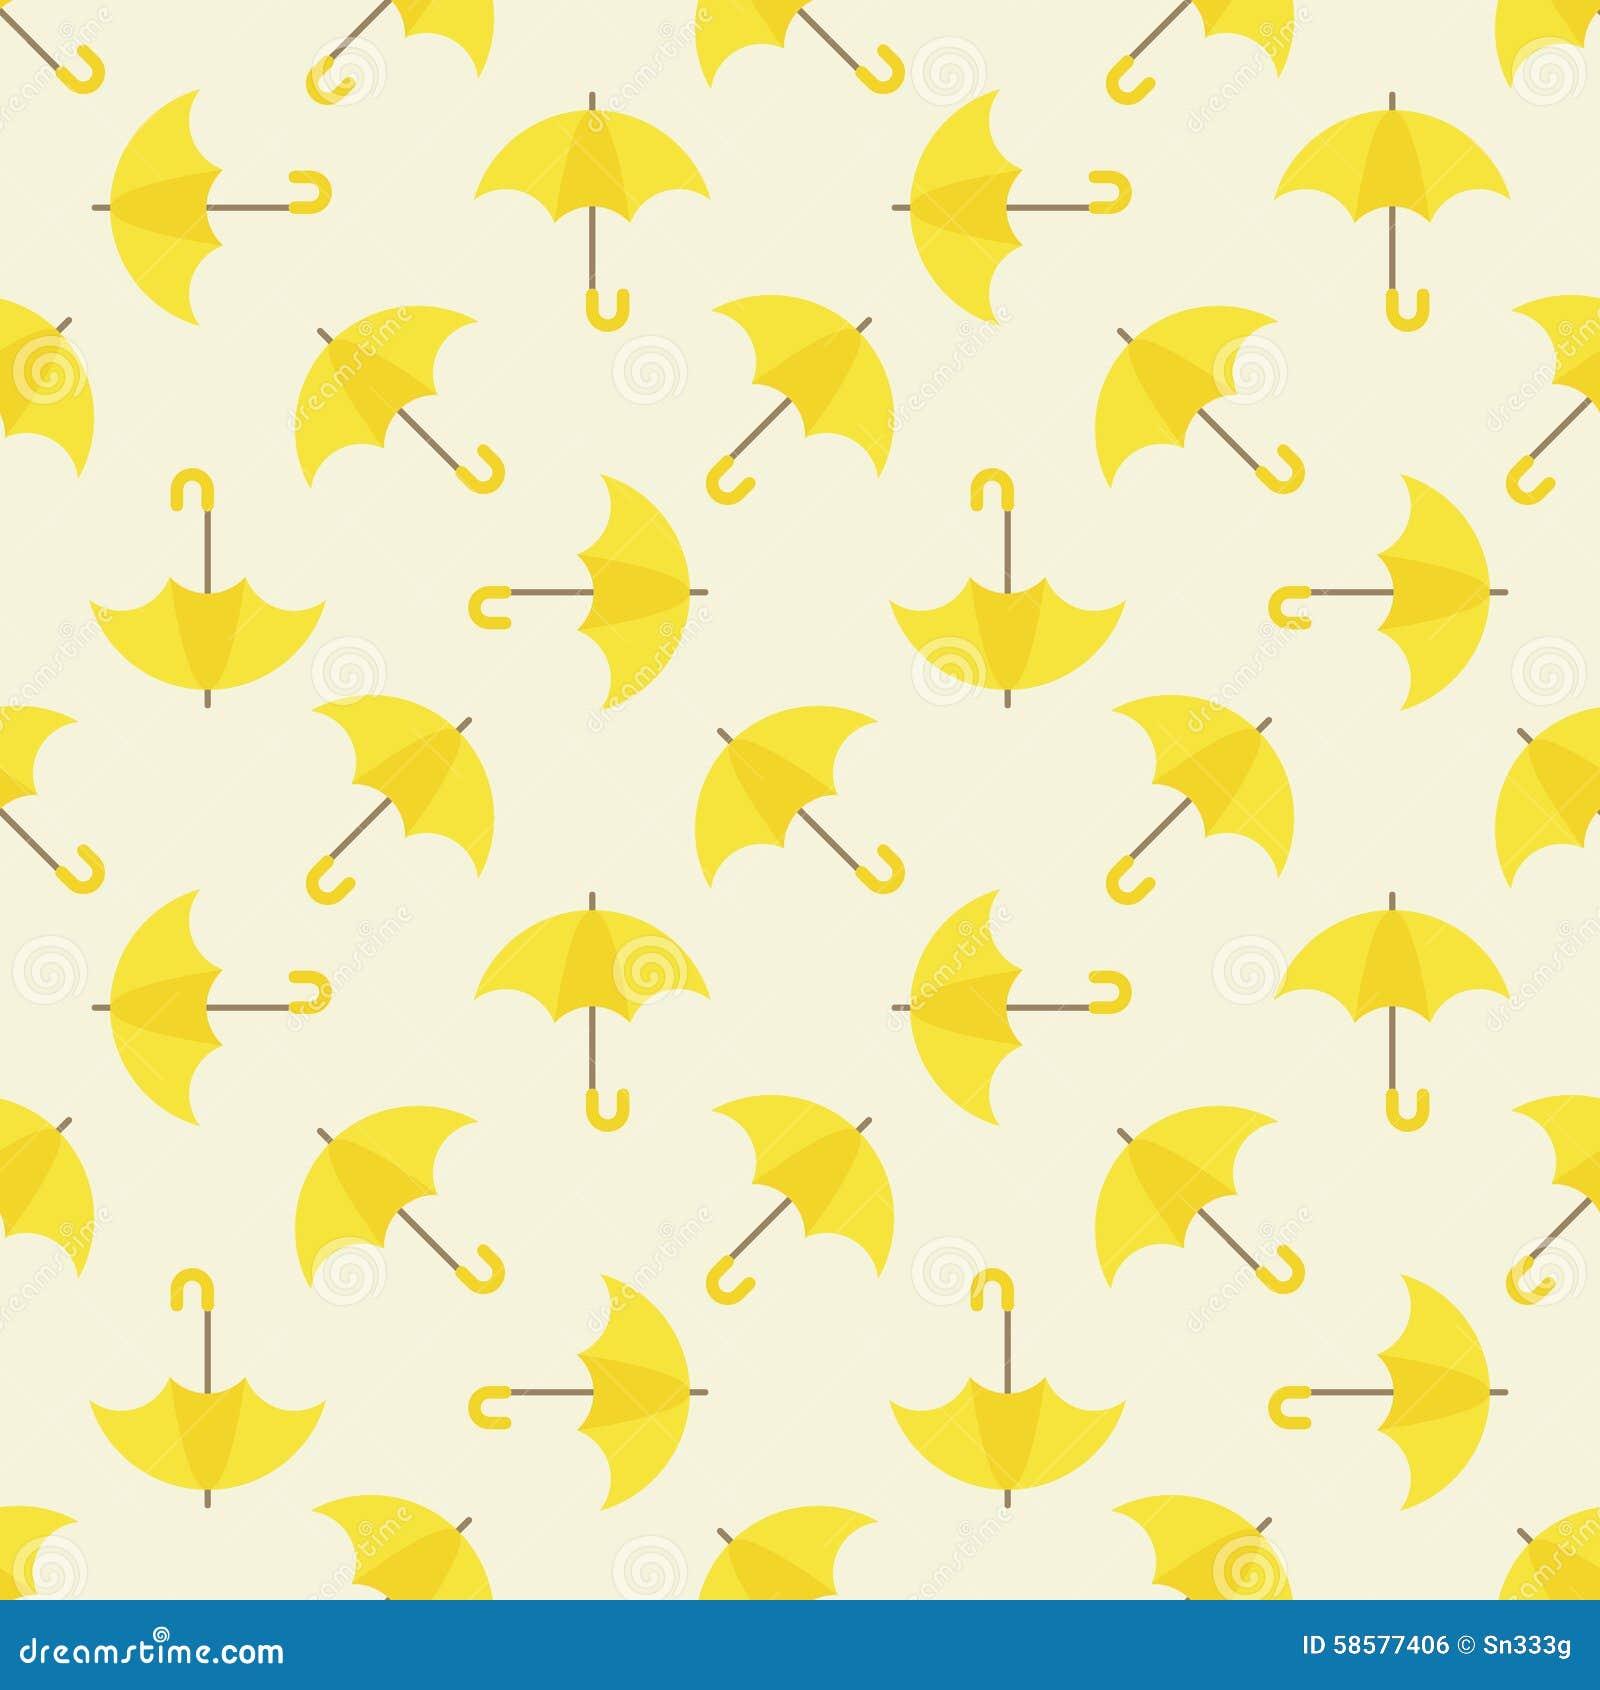 Yellow Umbrella Seamless Pattern